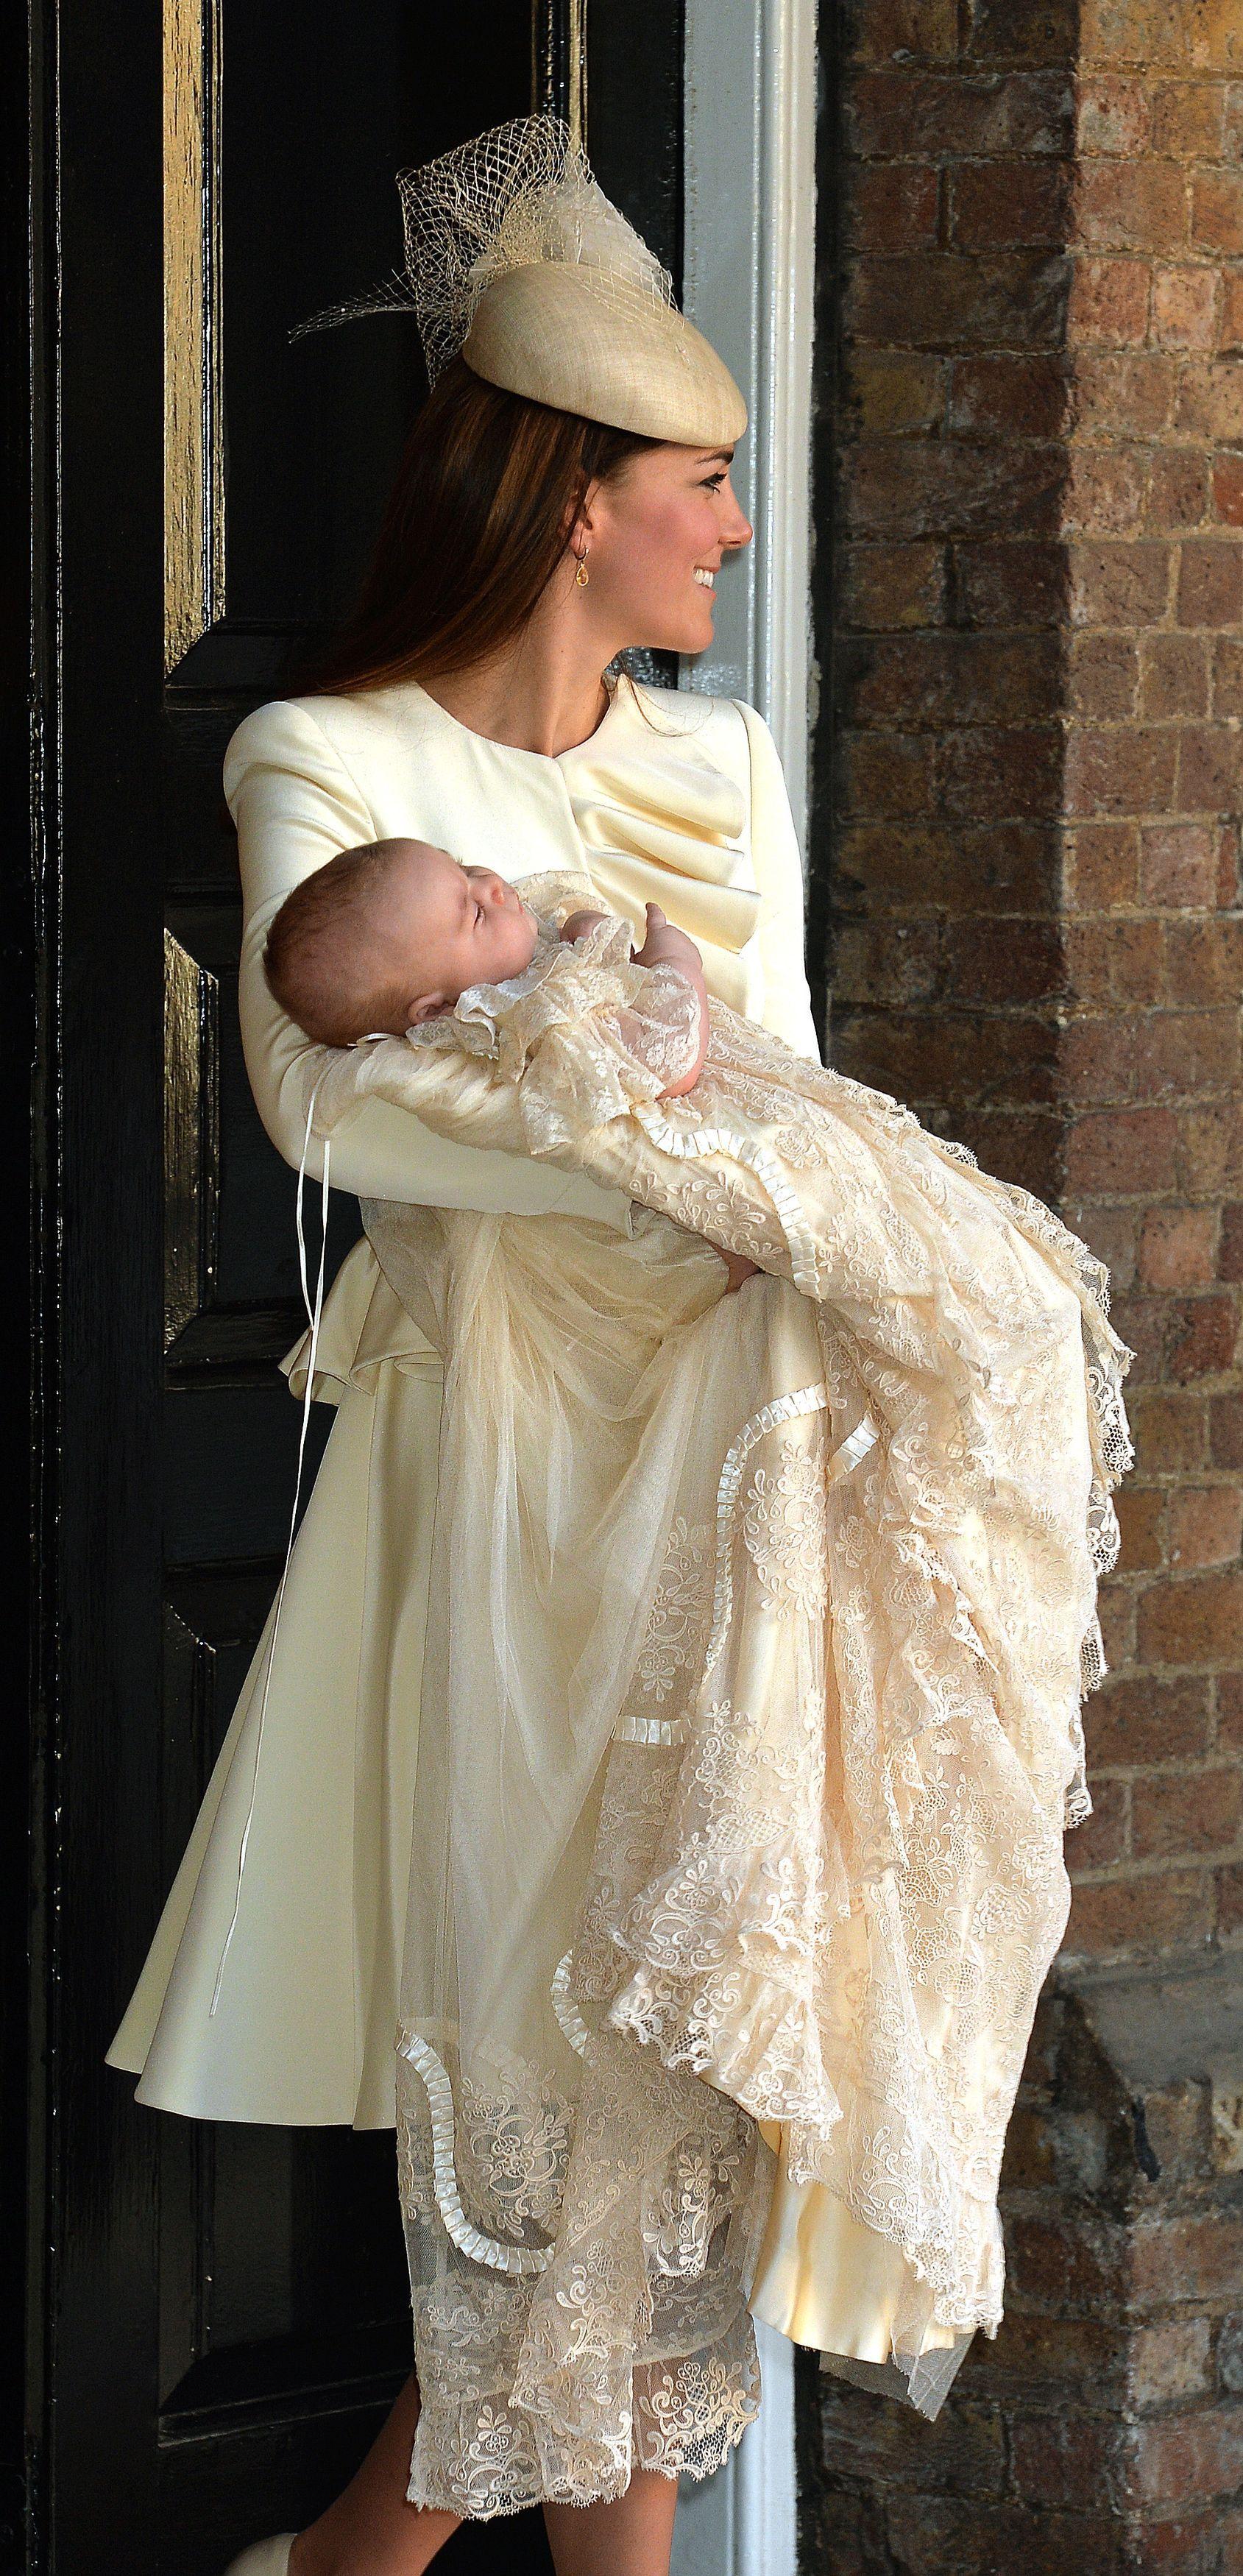 Кейт Миддлтон на крестинах своего сына Джорджа